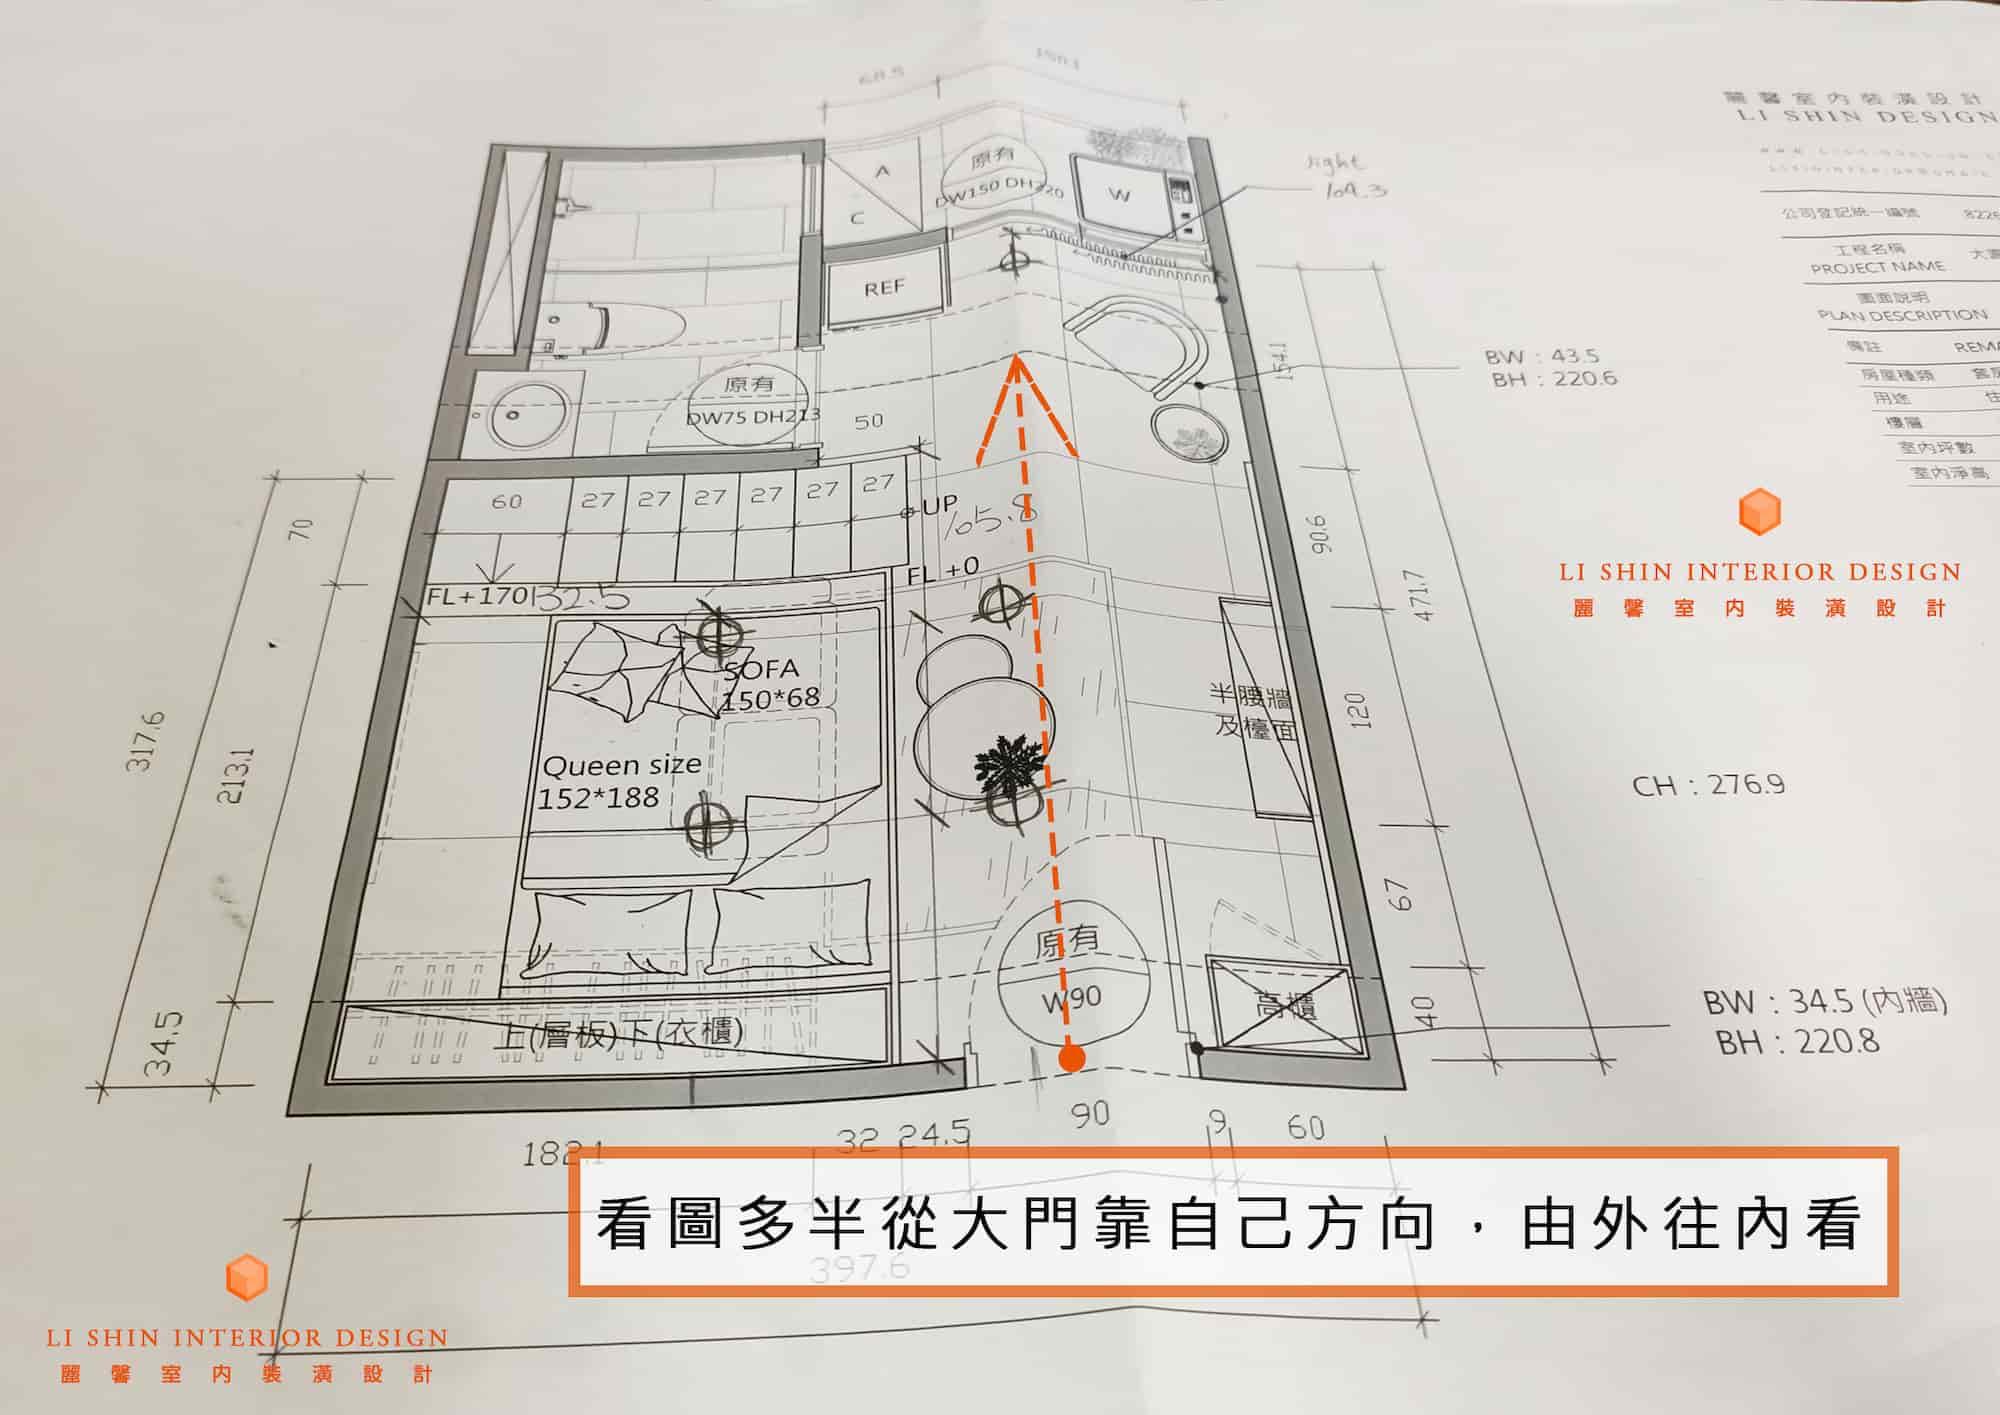 平面配置圖找到大門後,圖面大門位置的靠往自己的方向,從外面往內看